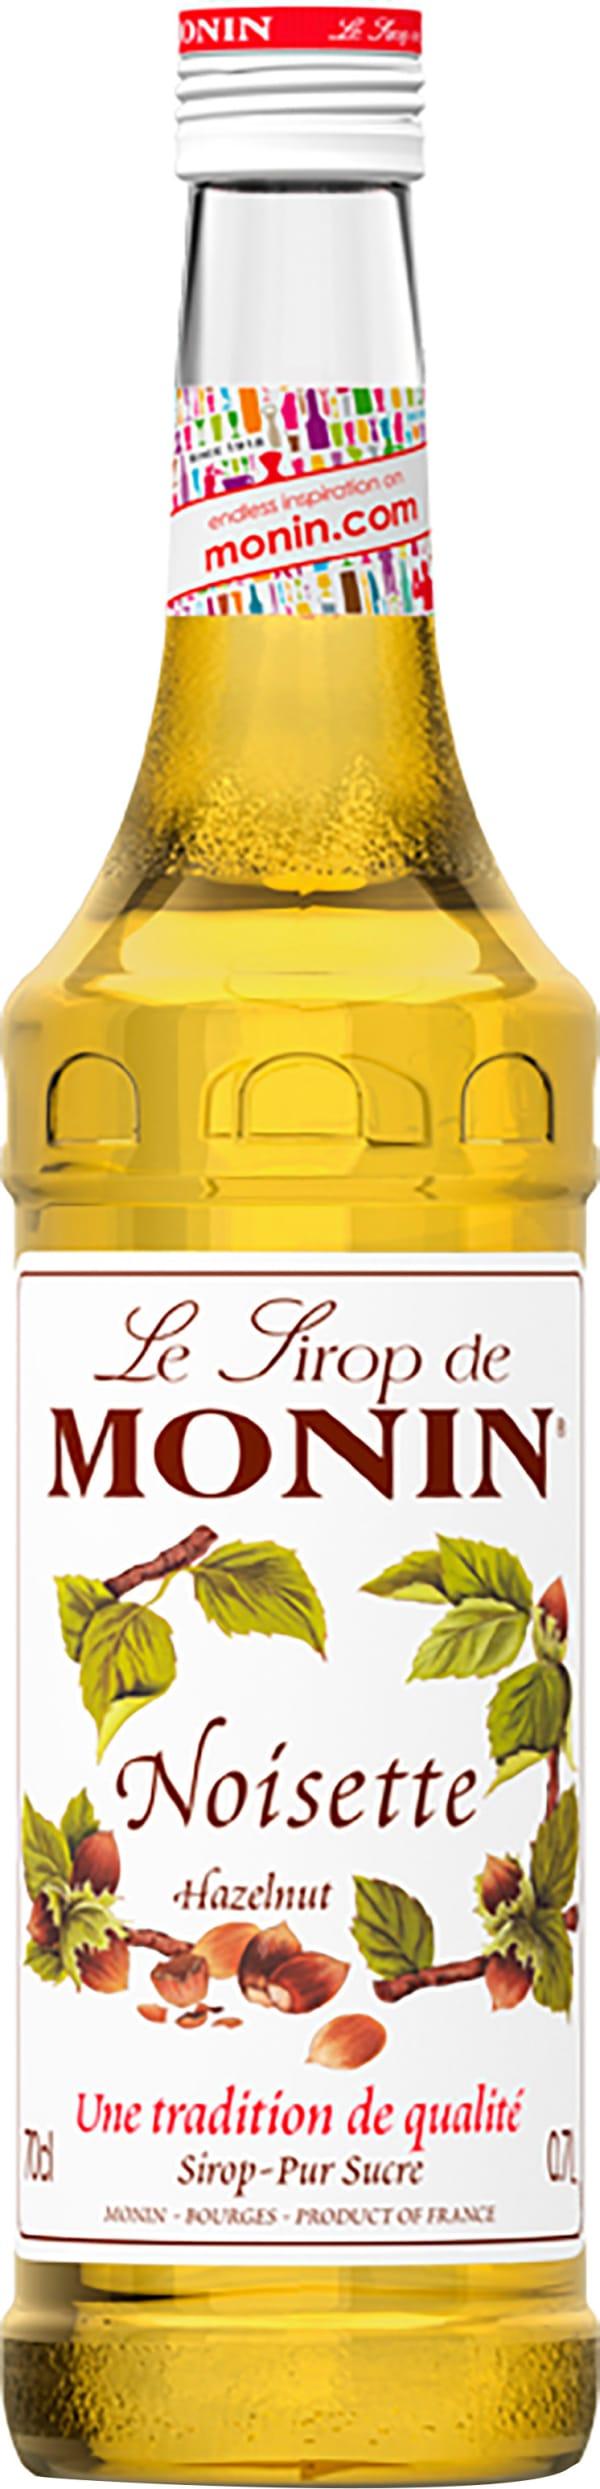 Le Sirop de Monin Hazelnut